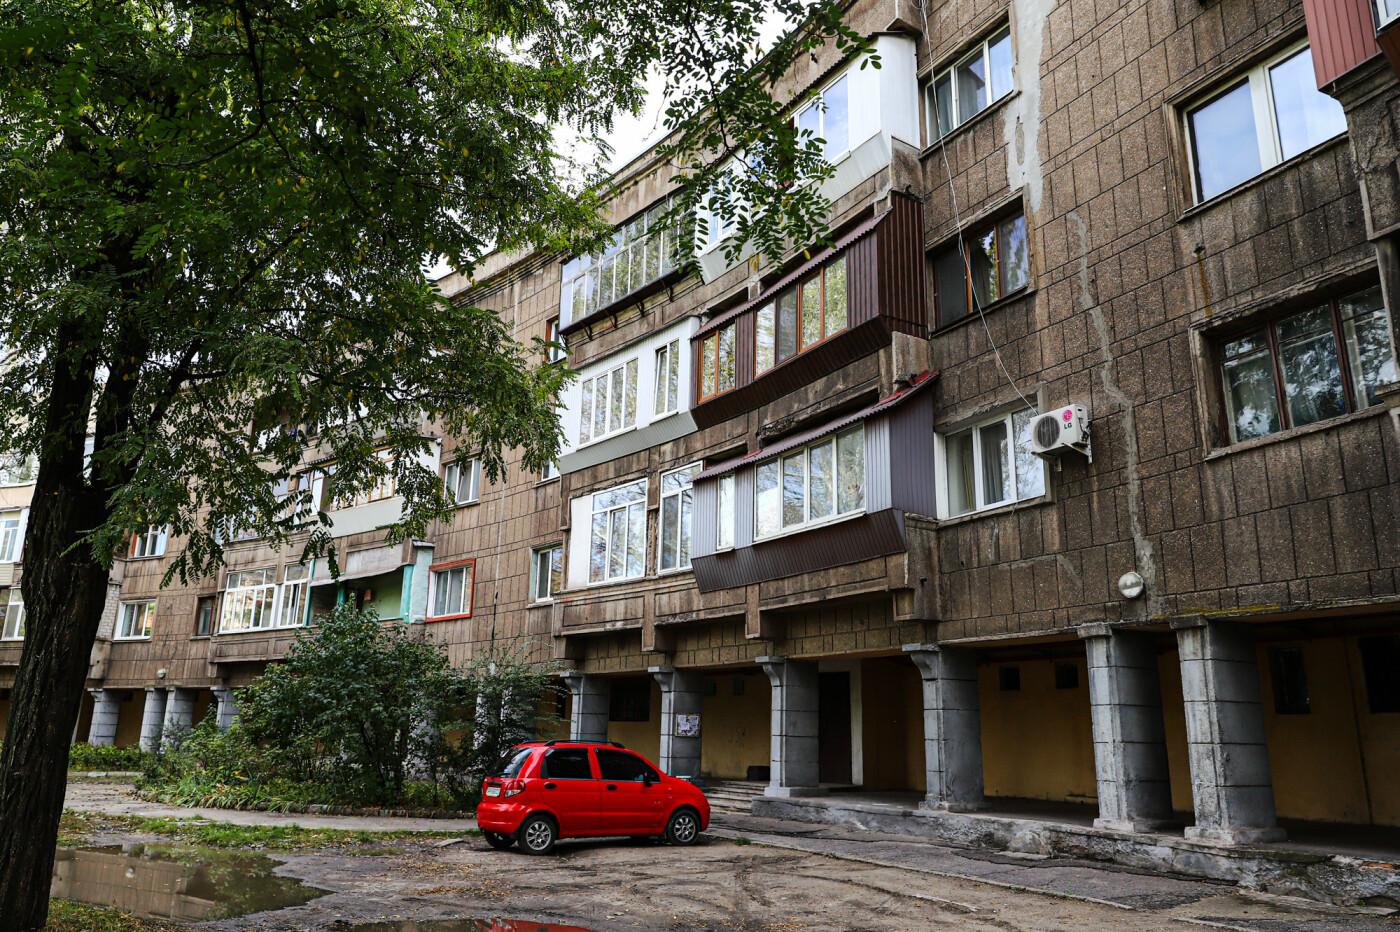 Маршруты выходного дня: не скучаем на карантине, а изучаем Запорожскую область и открываем секреты родного города, фото-56